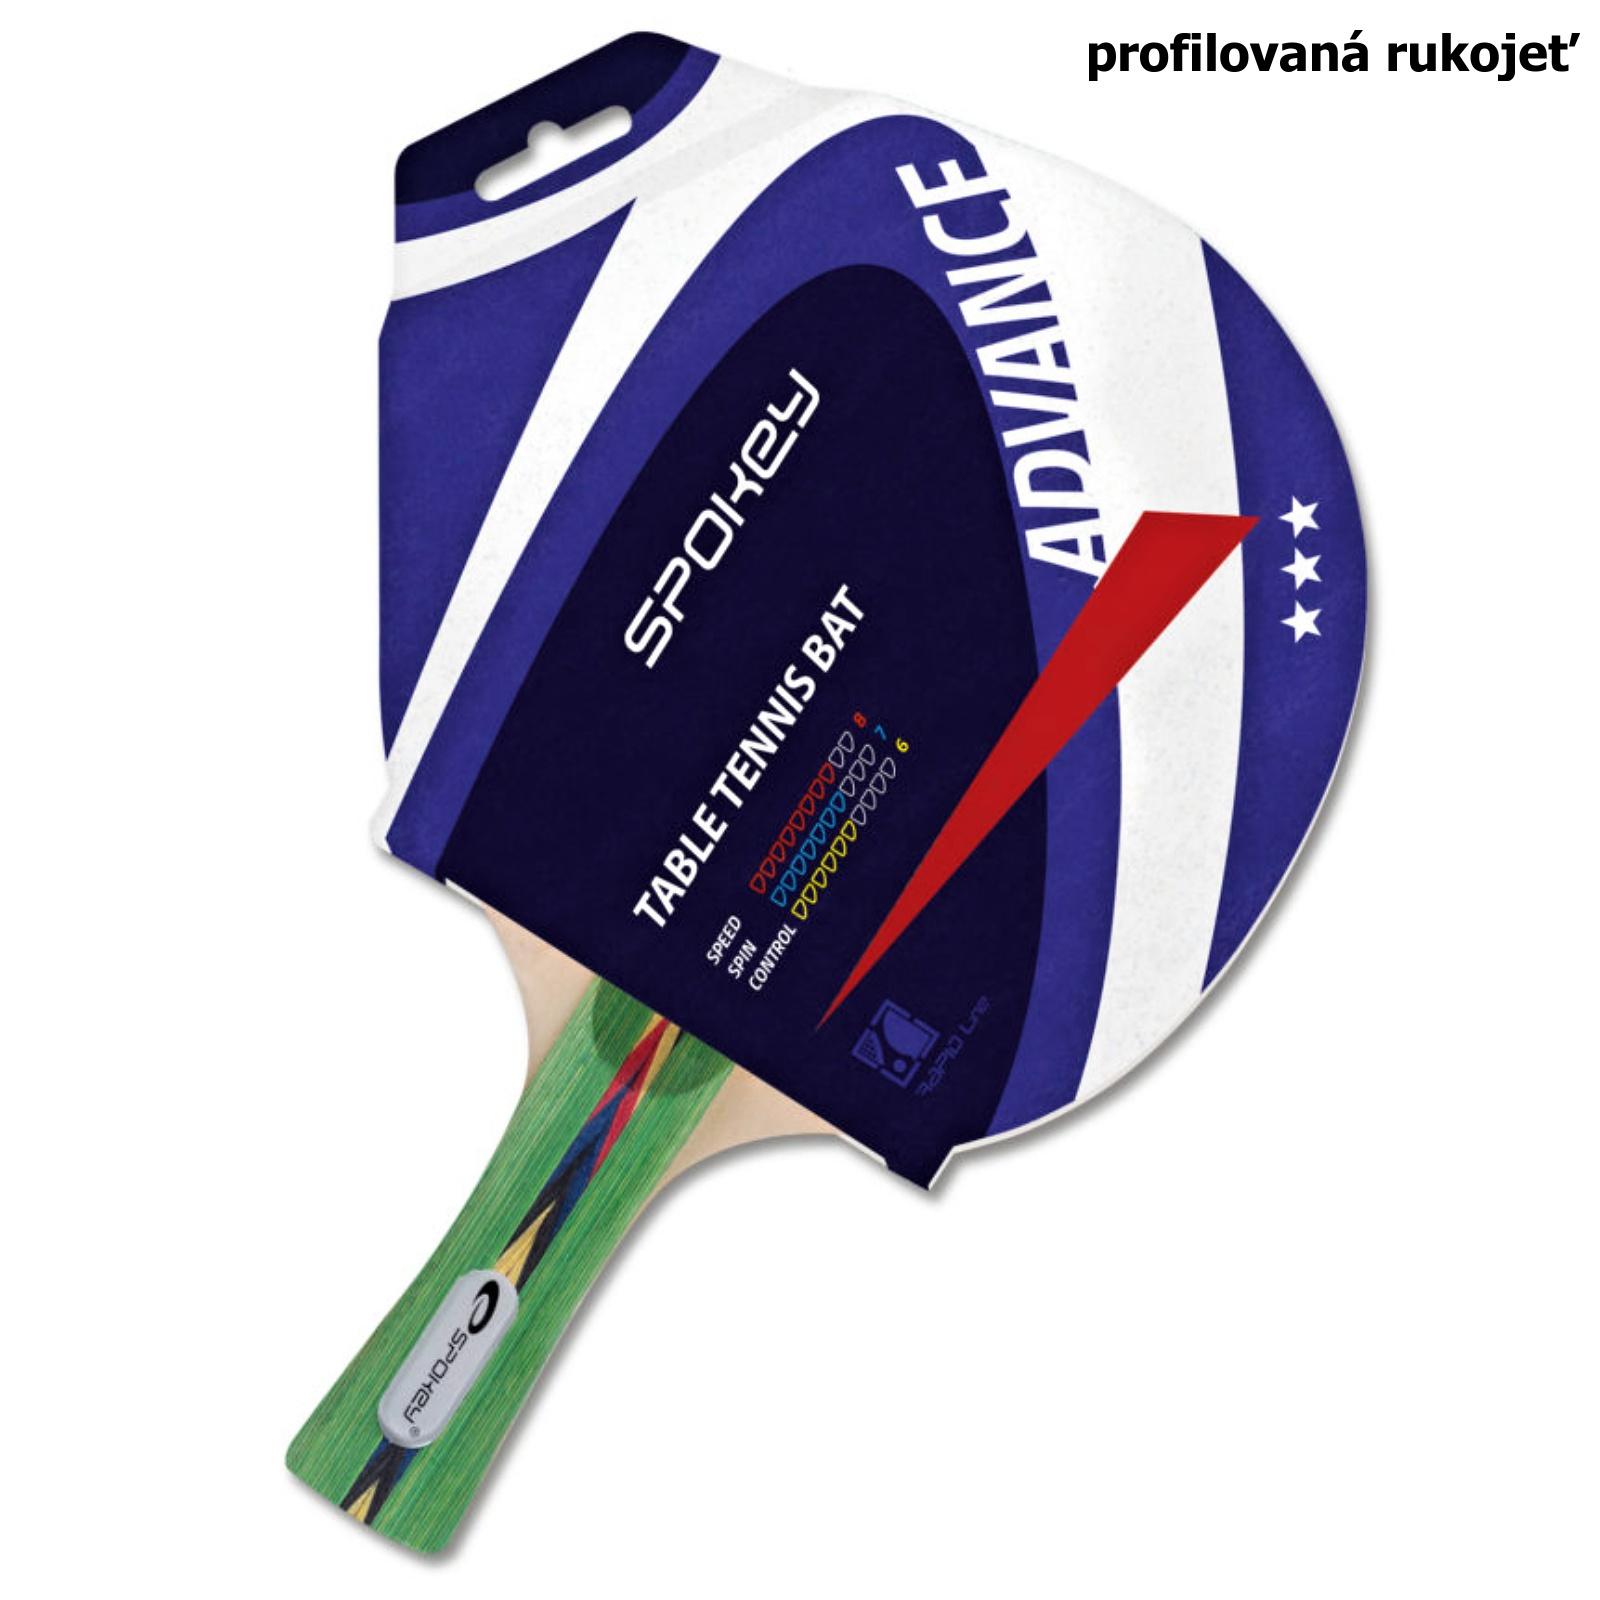 Pálka na stolní tenis SPOKEY Advance, profilovaná rukojeť